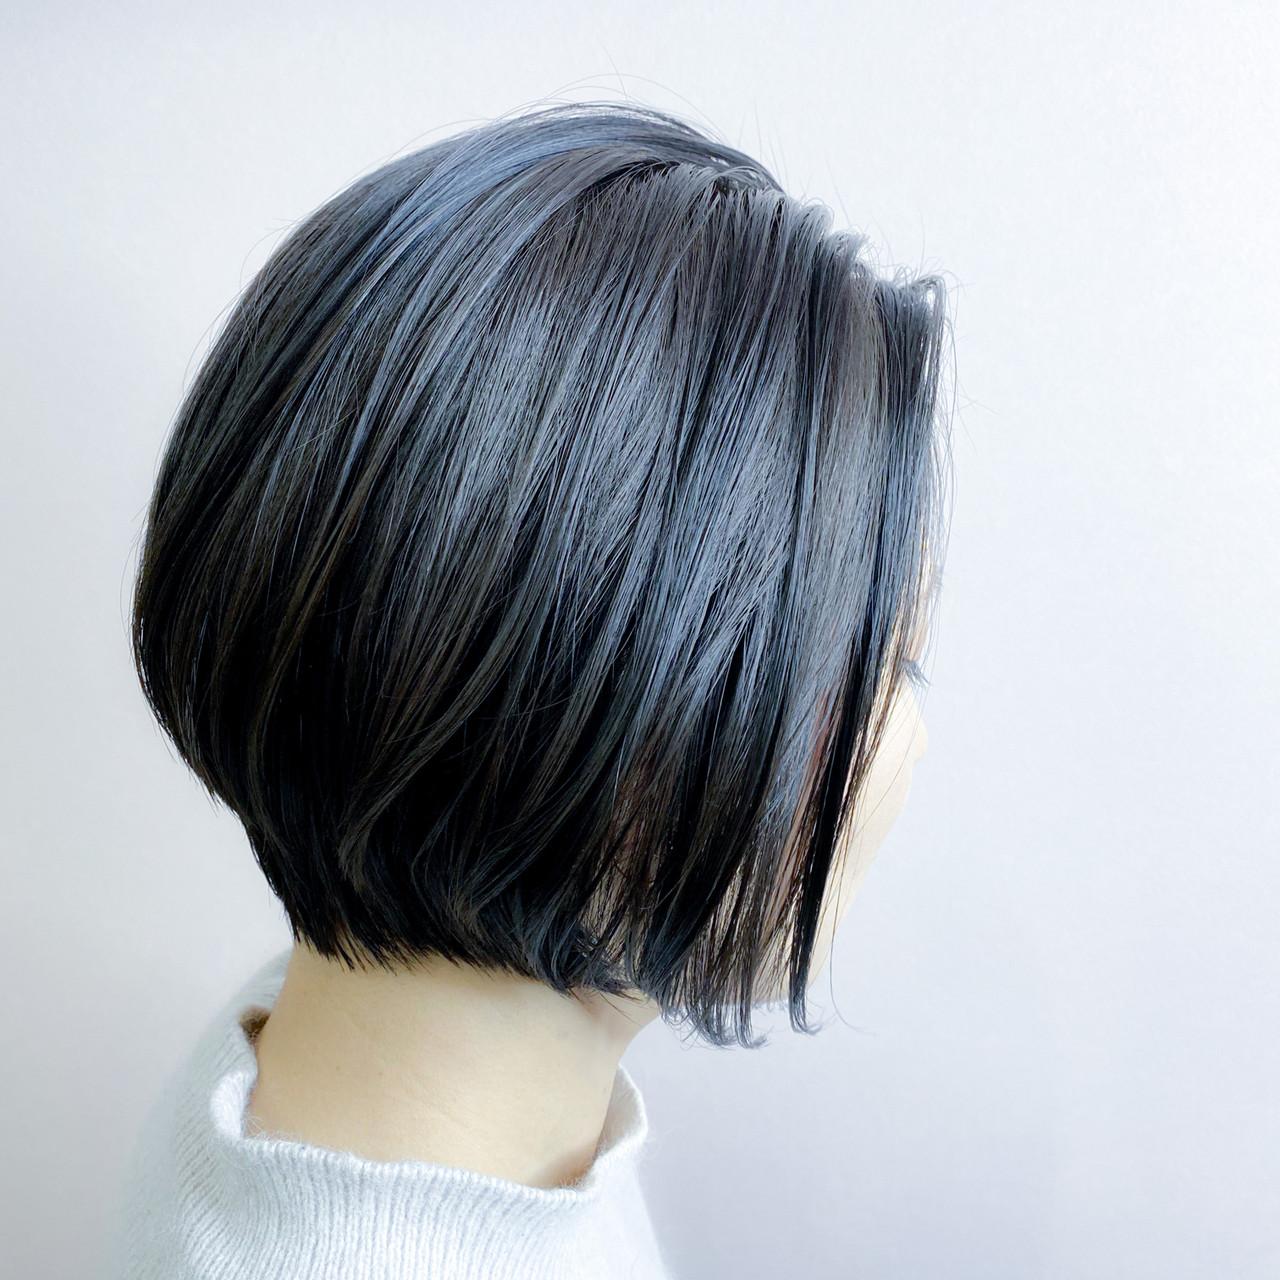 ショートボブ ストリート ブルーブラック ショートヘア ヘアスタイルや髪型の写真・画像 | 並木 大祐 / Andco